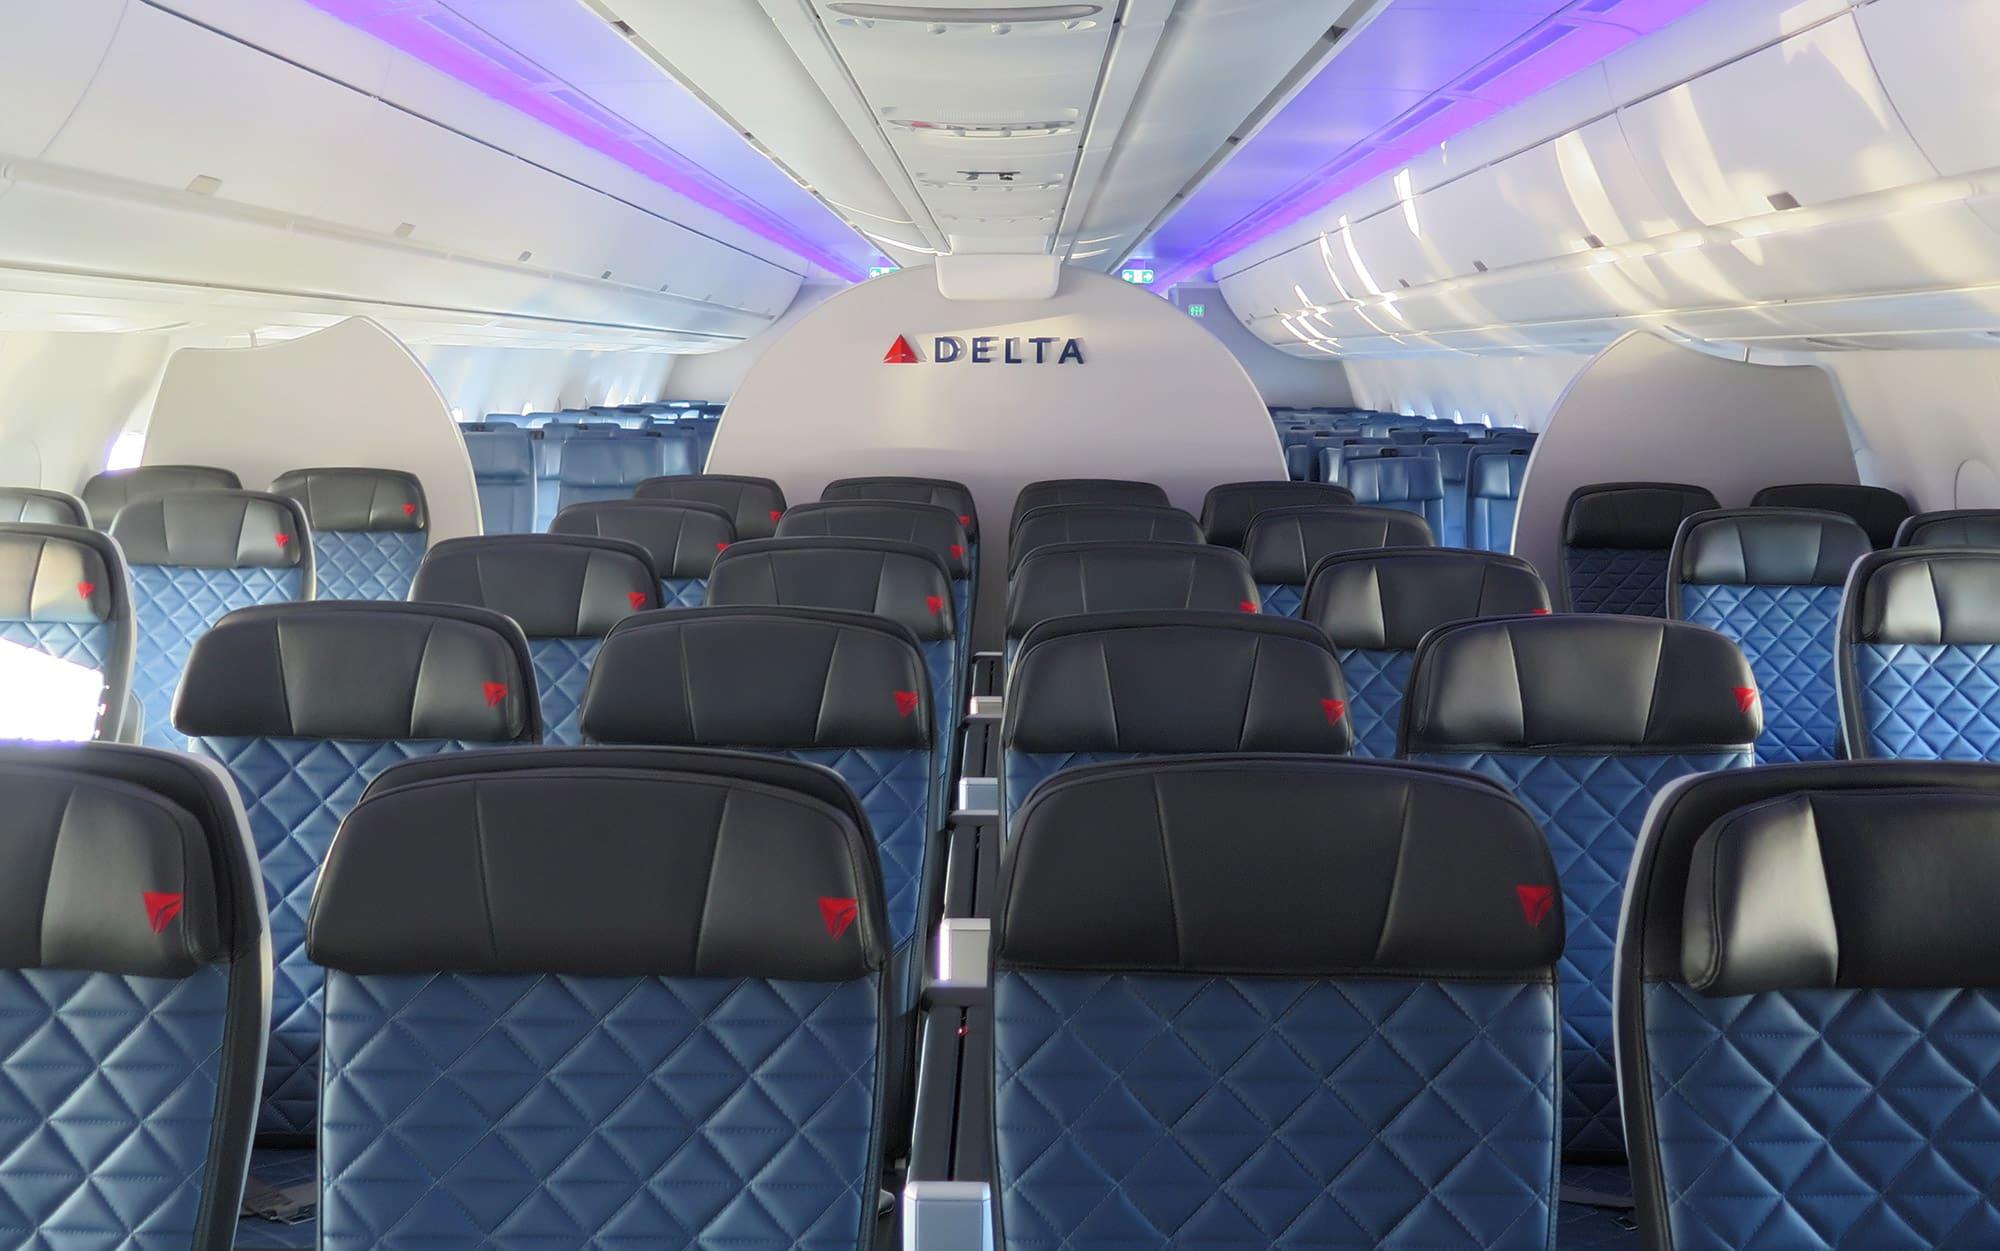 Delta Air Lines third-quarter earnings top estimates